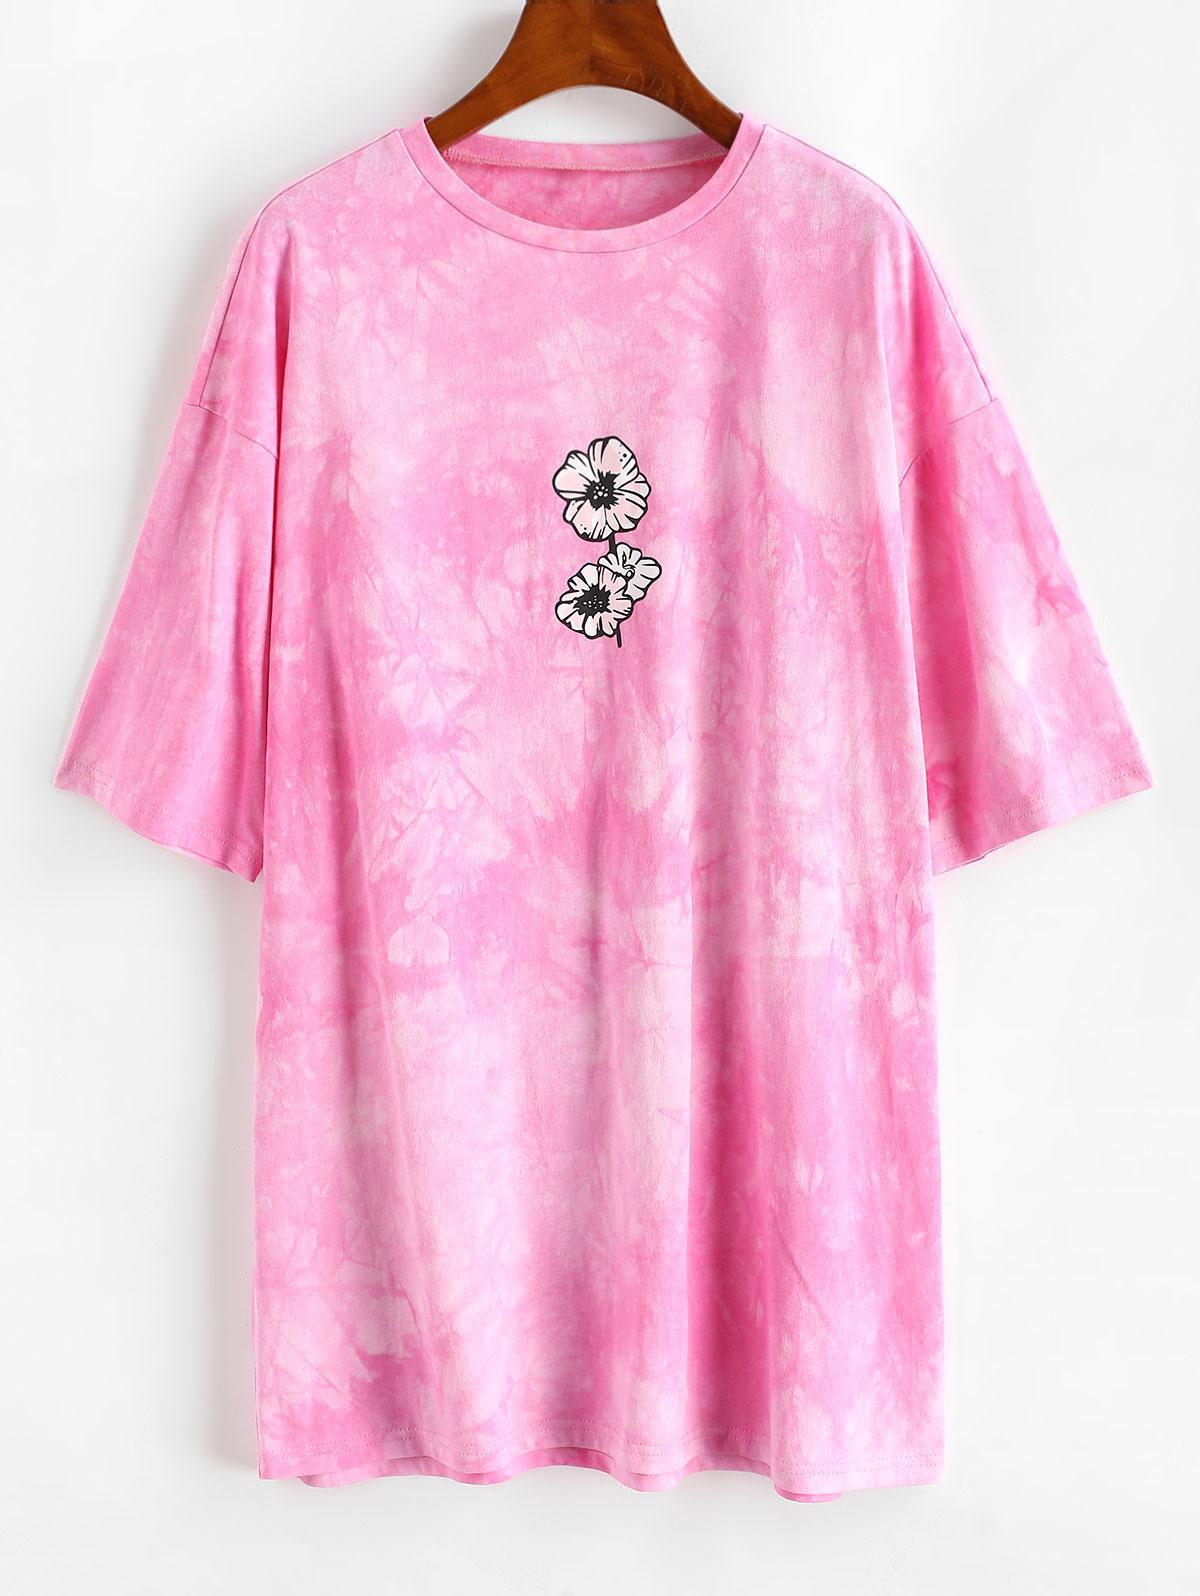 ZAFUL Casual Tie Dye Floral Tee Dress